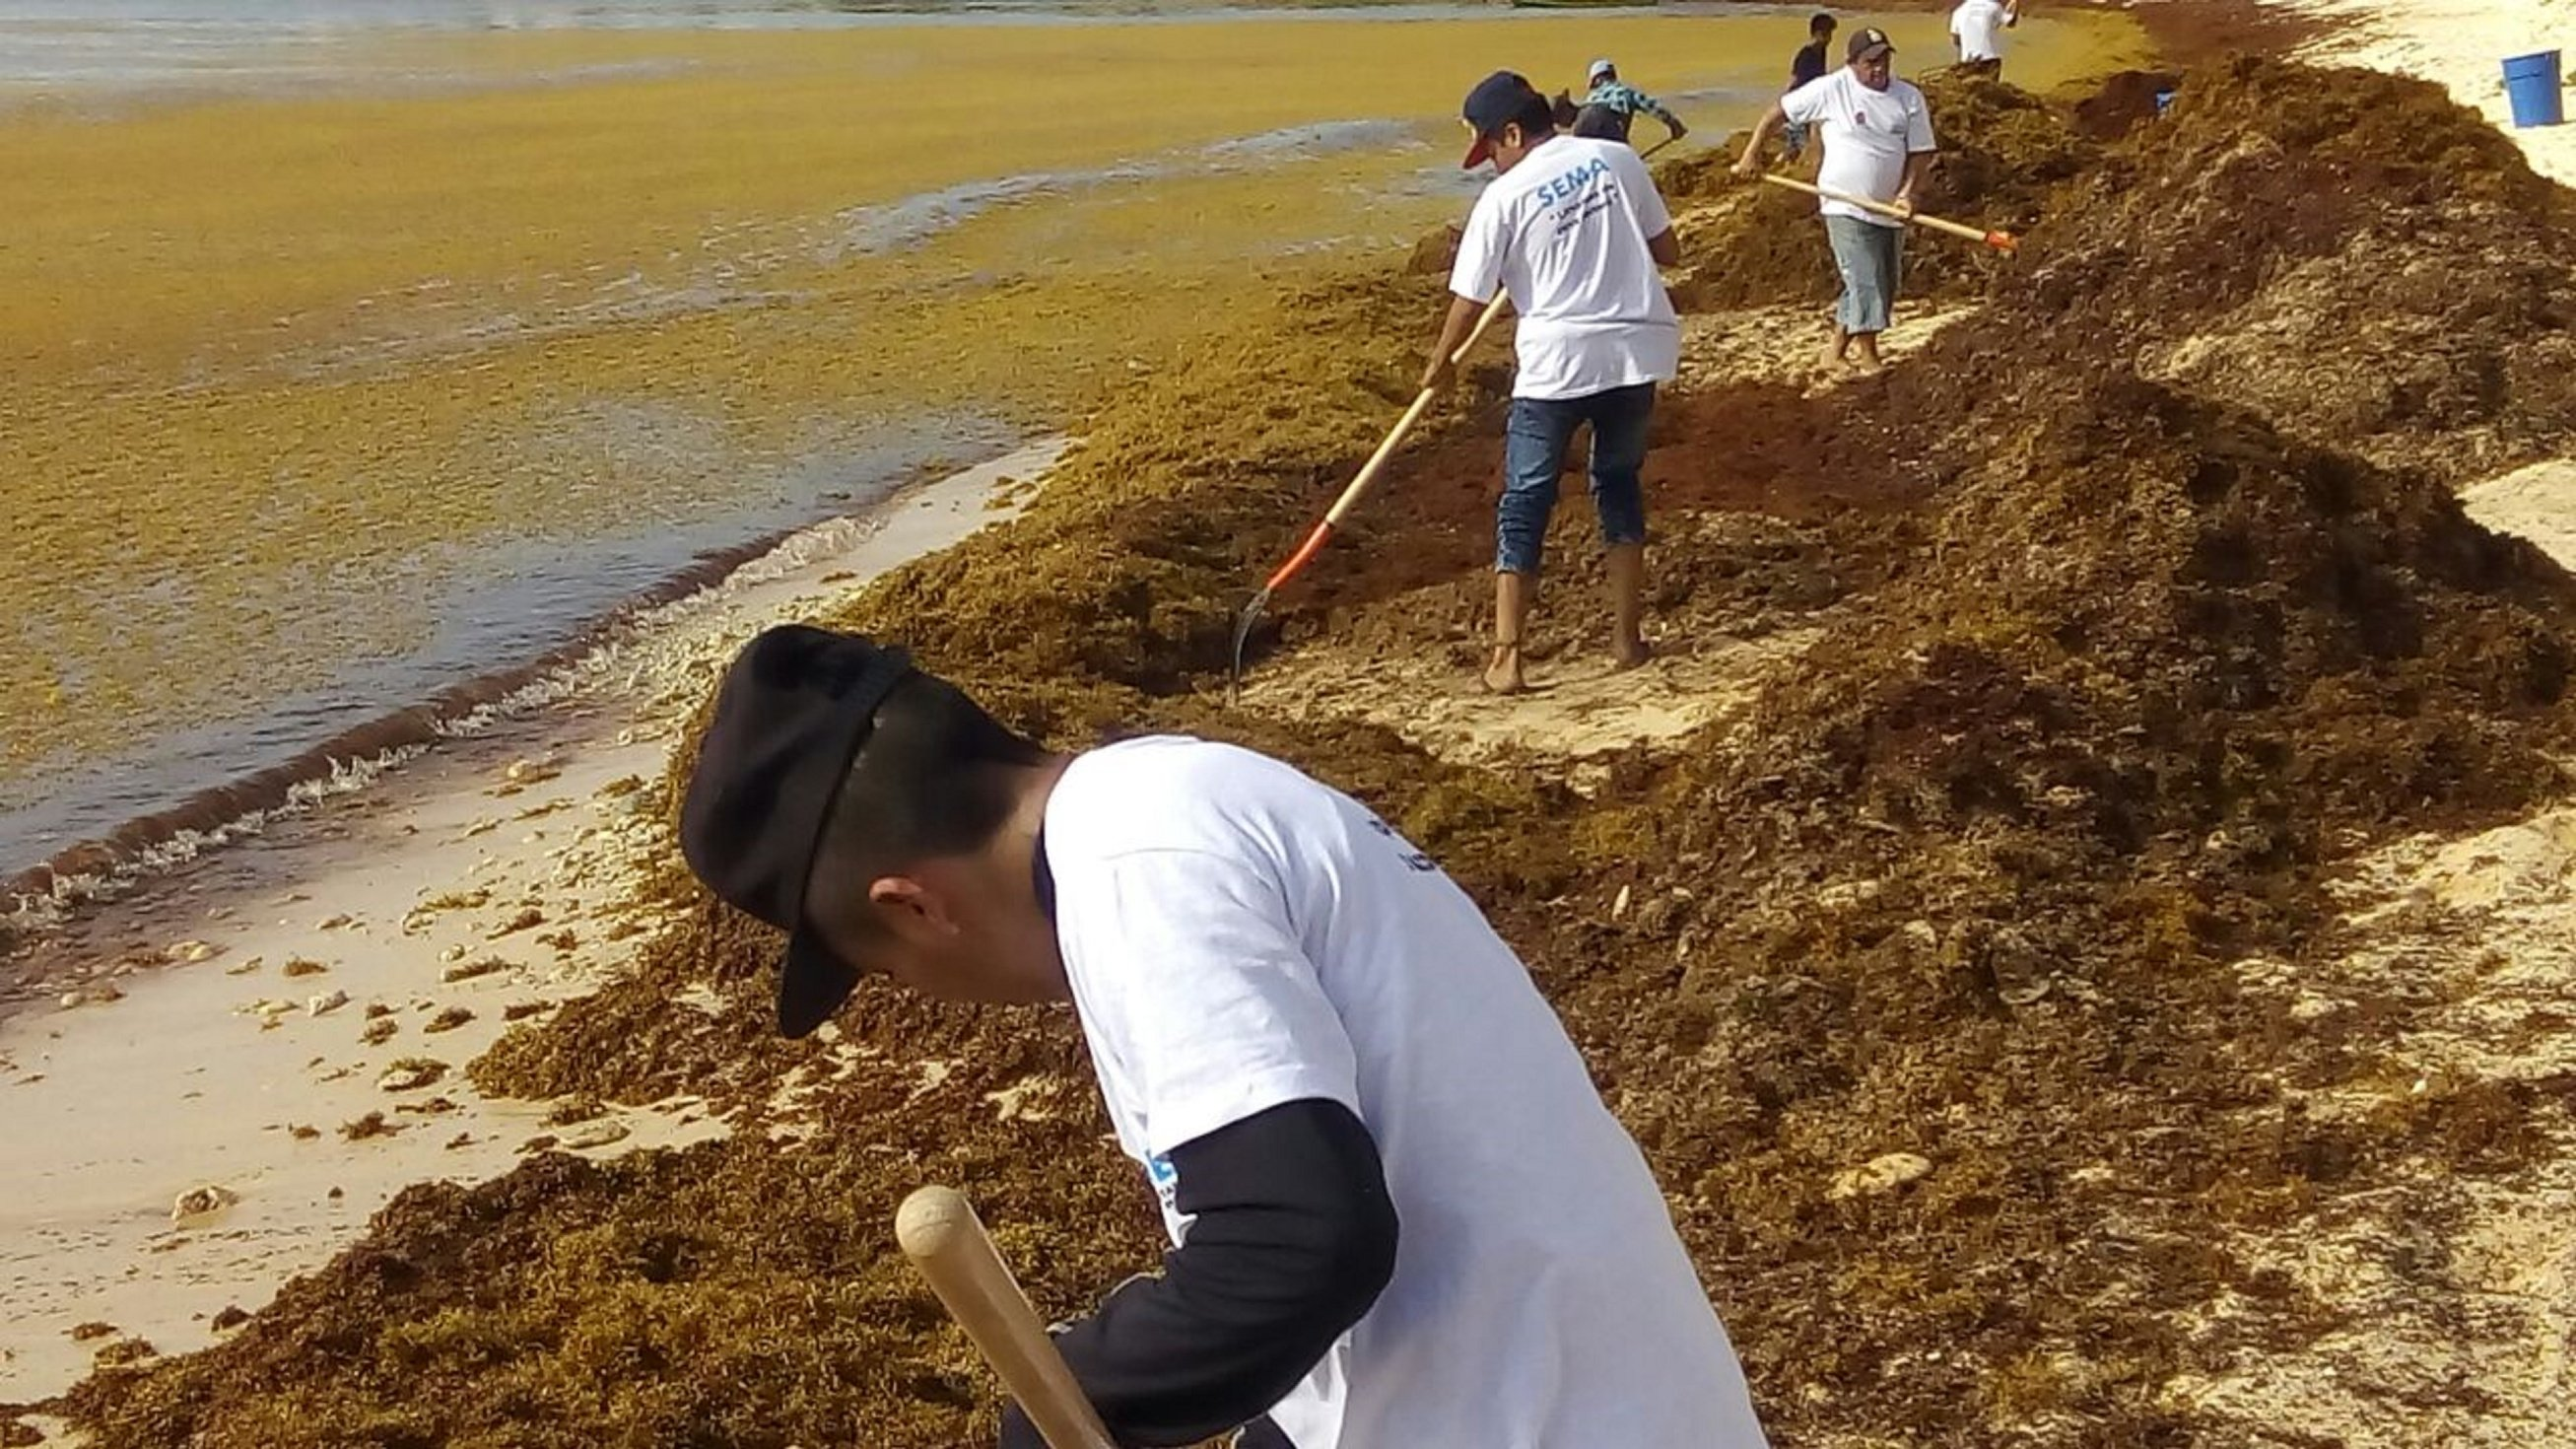 Sargazo invade también playas de Oaxaca; urgen apoyo al gobierno federal